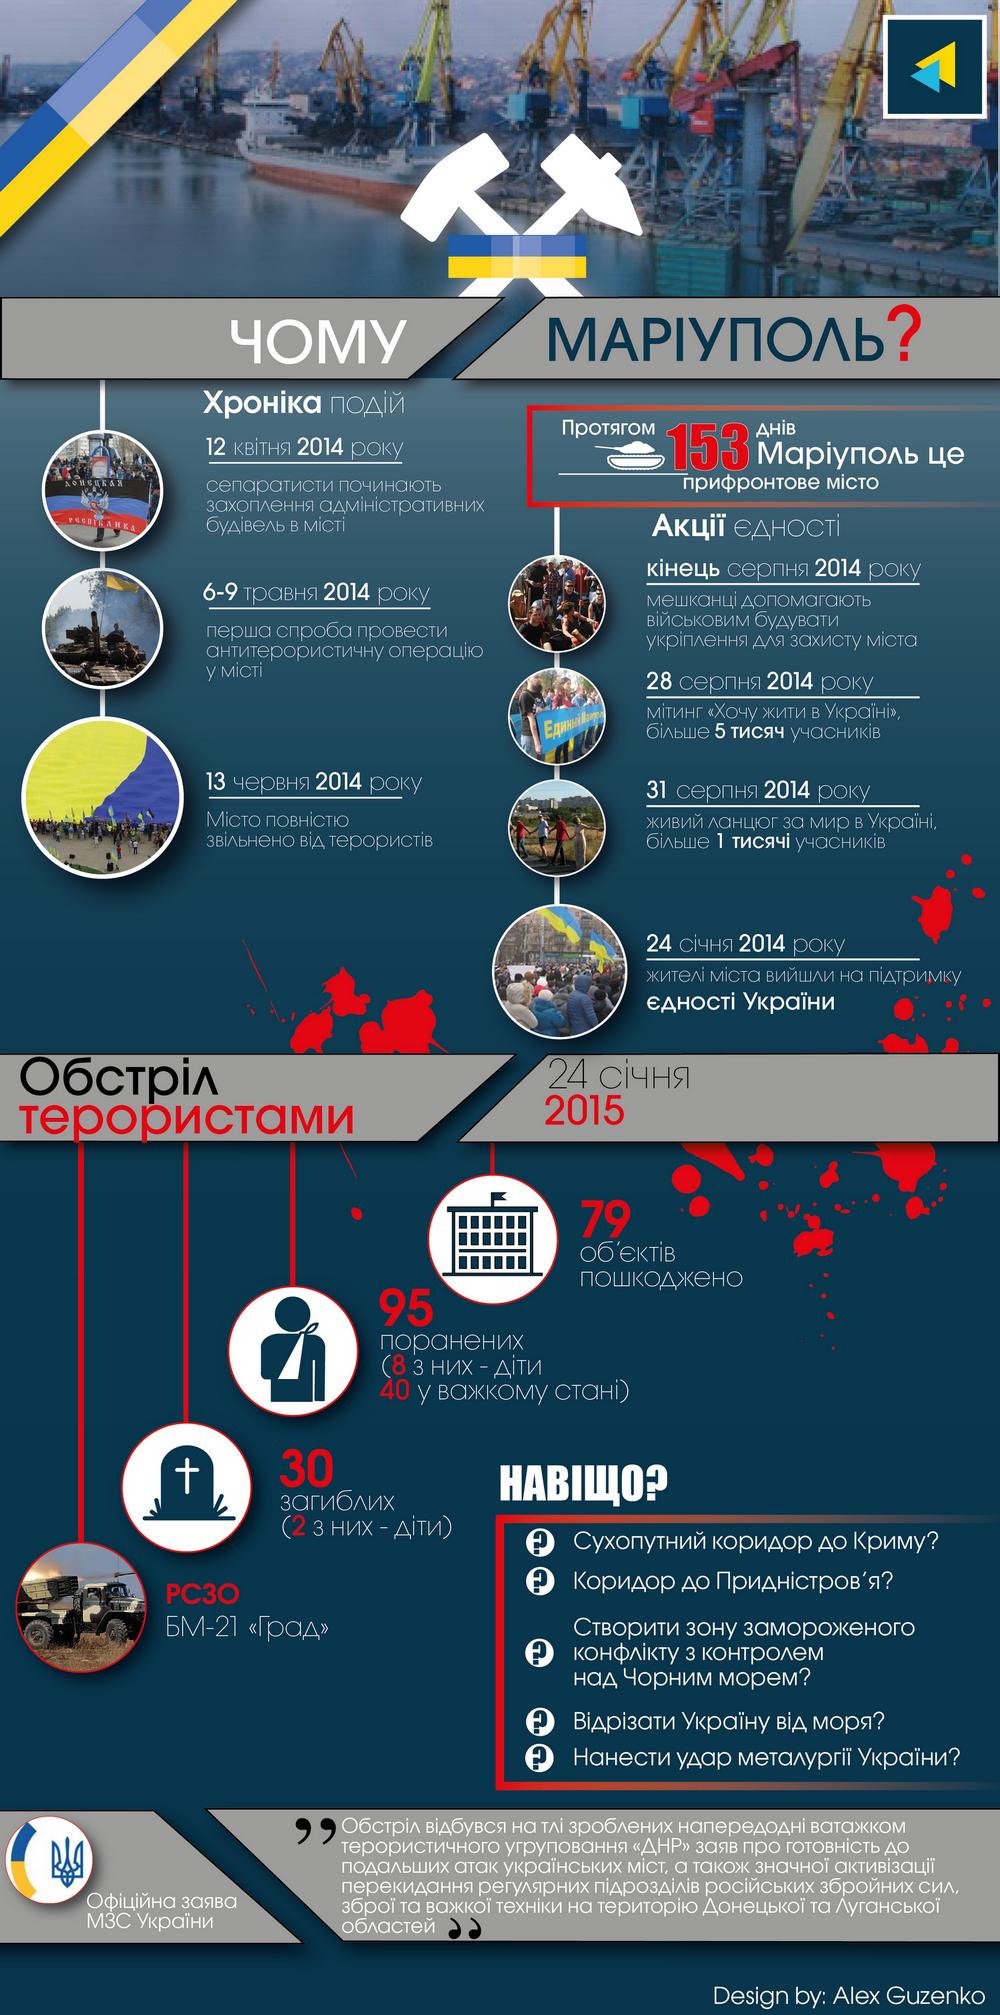 Почему Мариуполь подвергся террористической атаке: инфографика